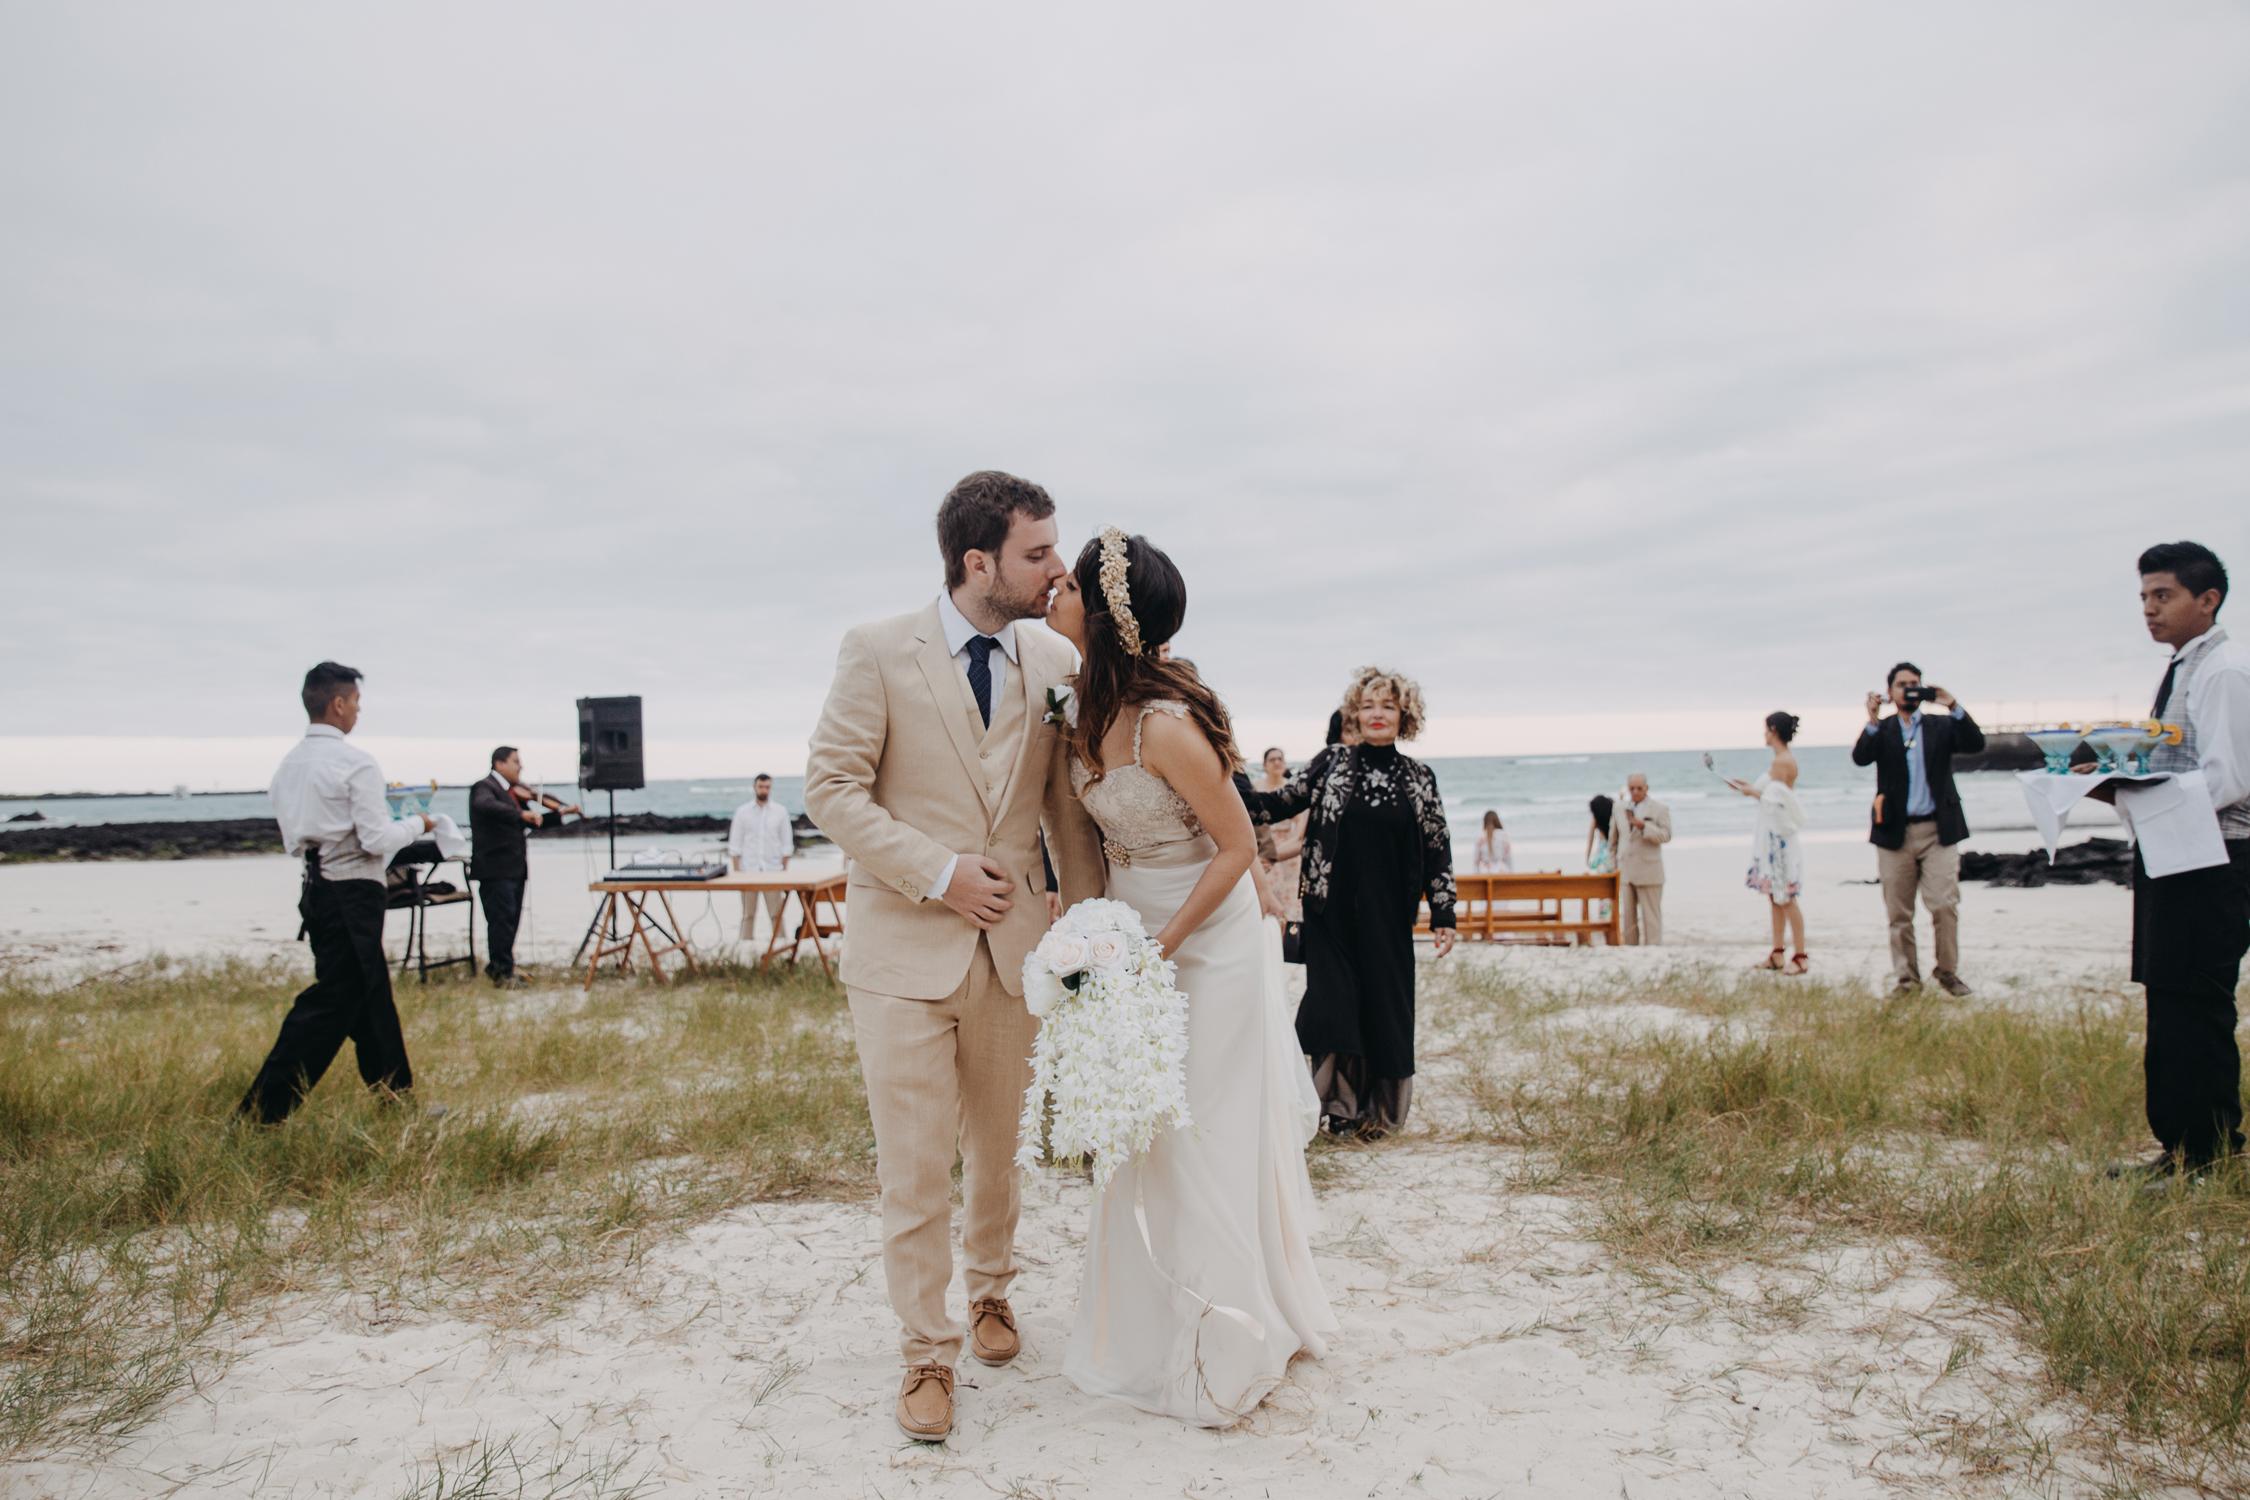 Michelle-Agurto-Fotografia-Bodas-Ecuador-Destination-Wedding-Photographer-Galapagos-Andrea-Joaquin-163.JPG